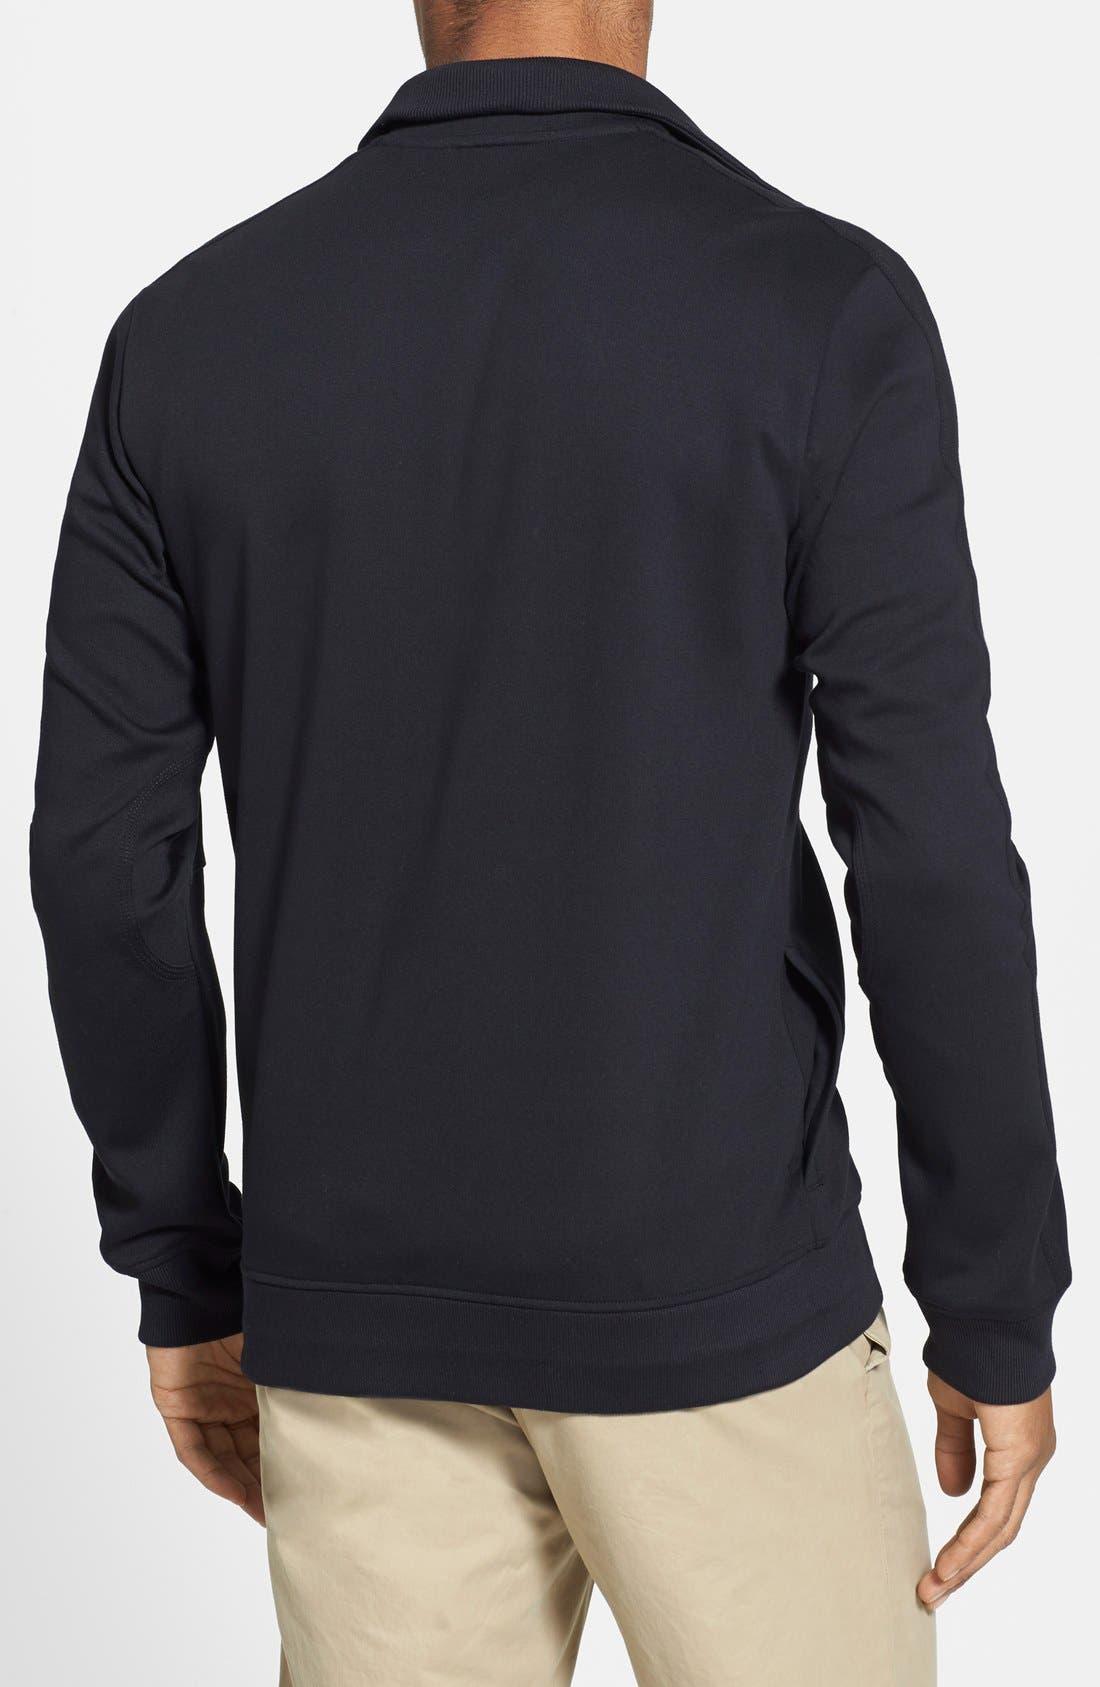 Alternate Image 2  - HUGO 'Dimon' Mock Neck Jacket